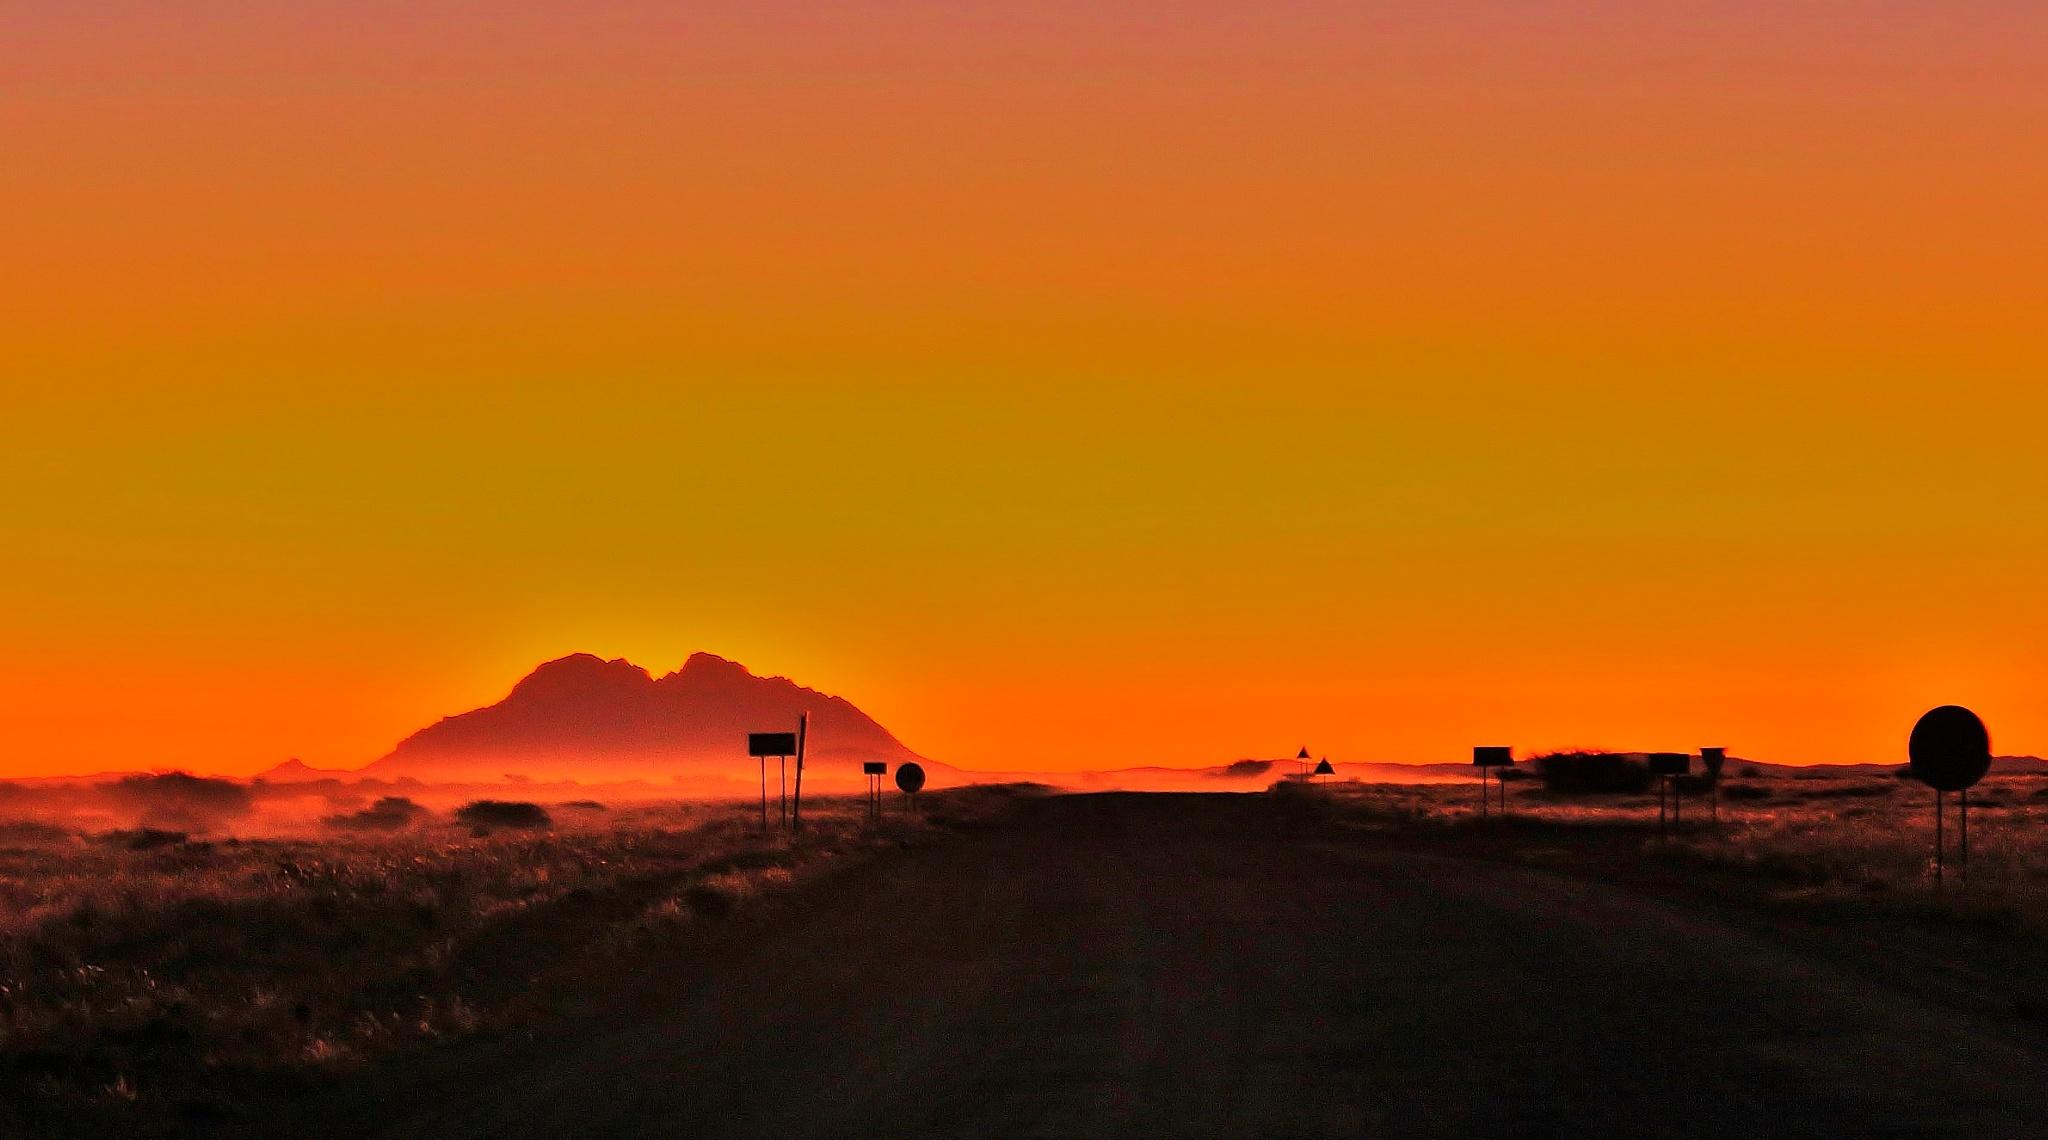 Dusty roads by Stefaans Blaauw